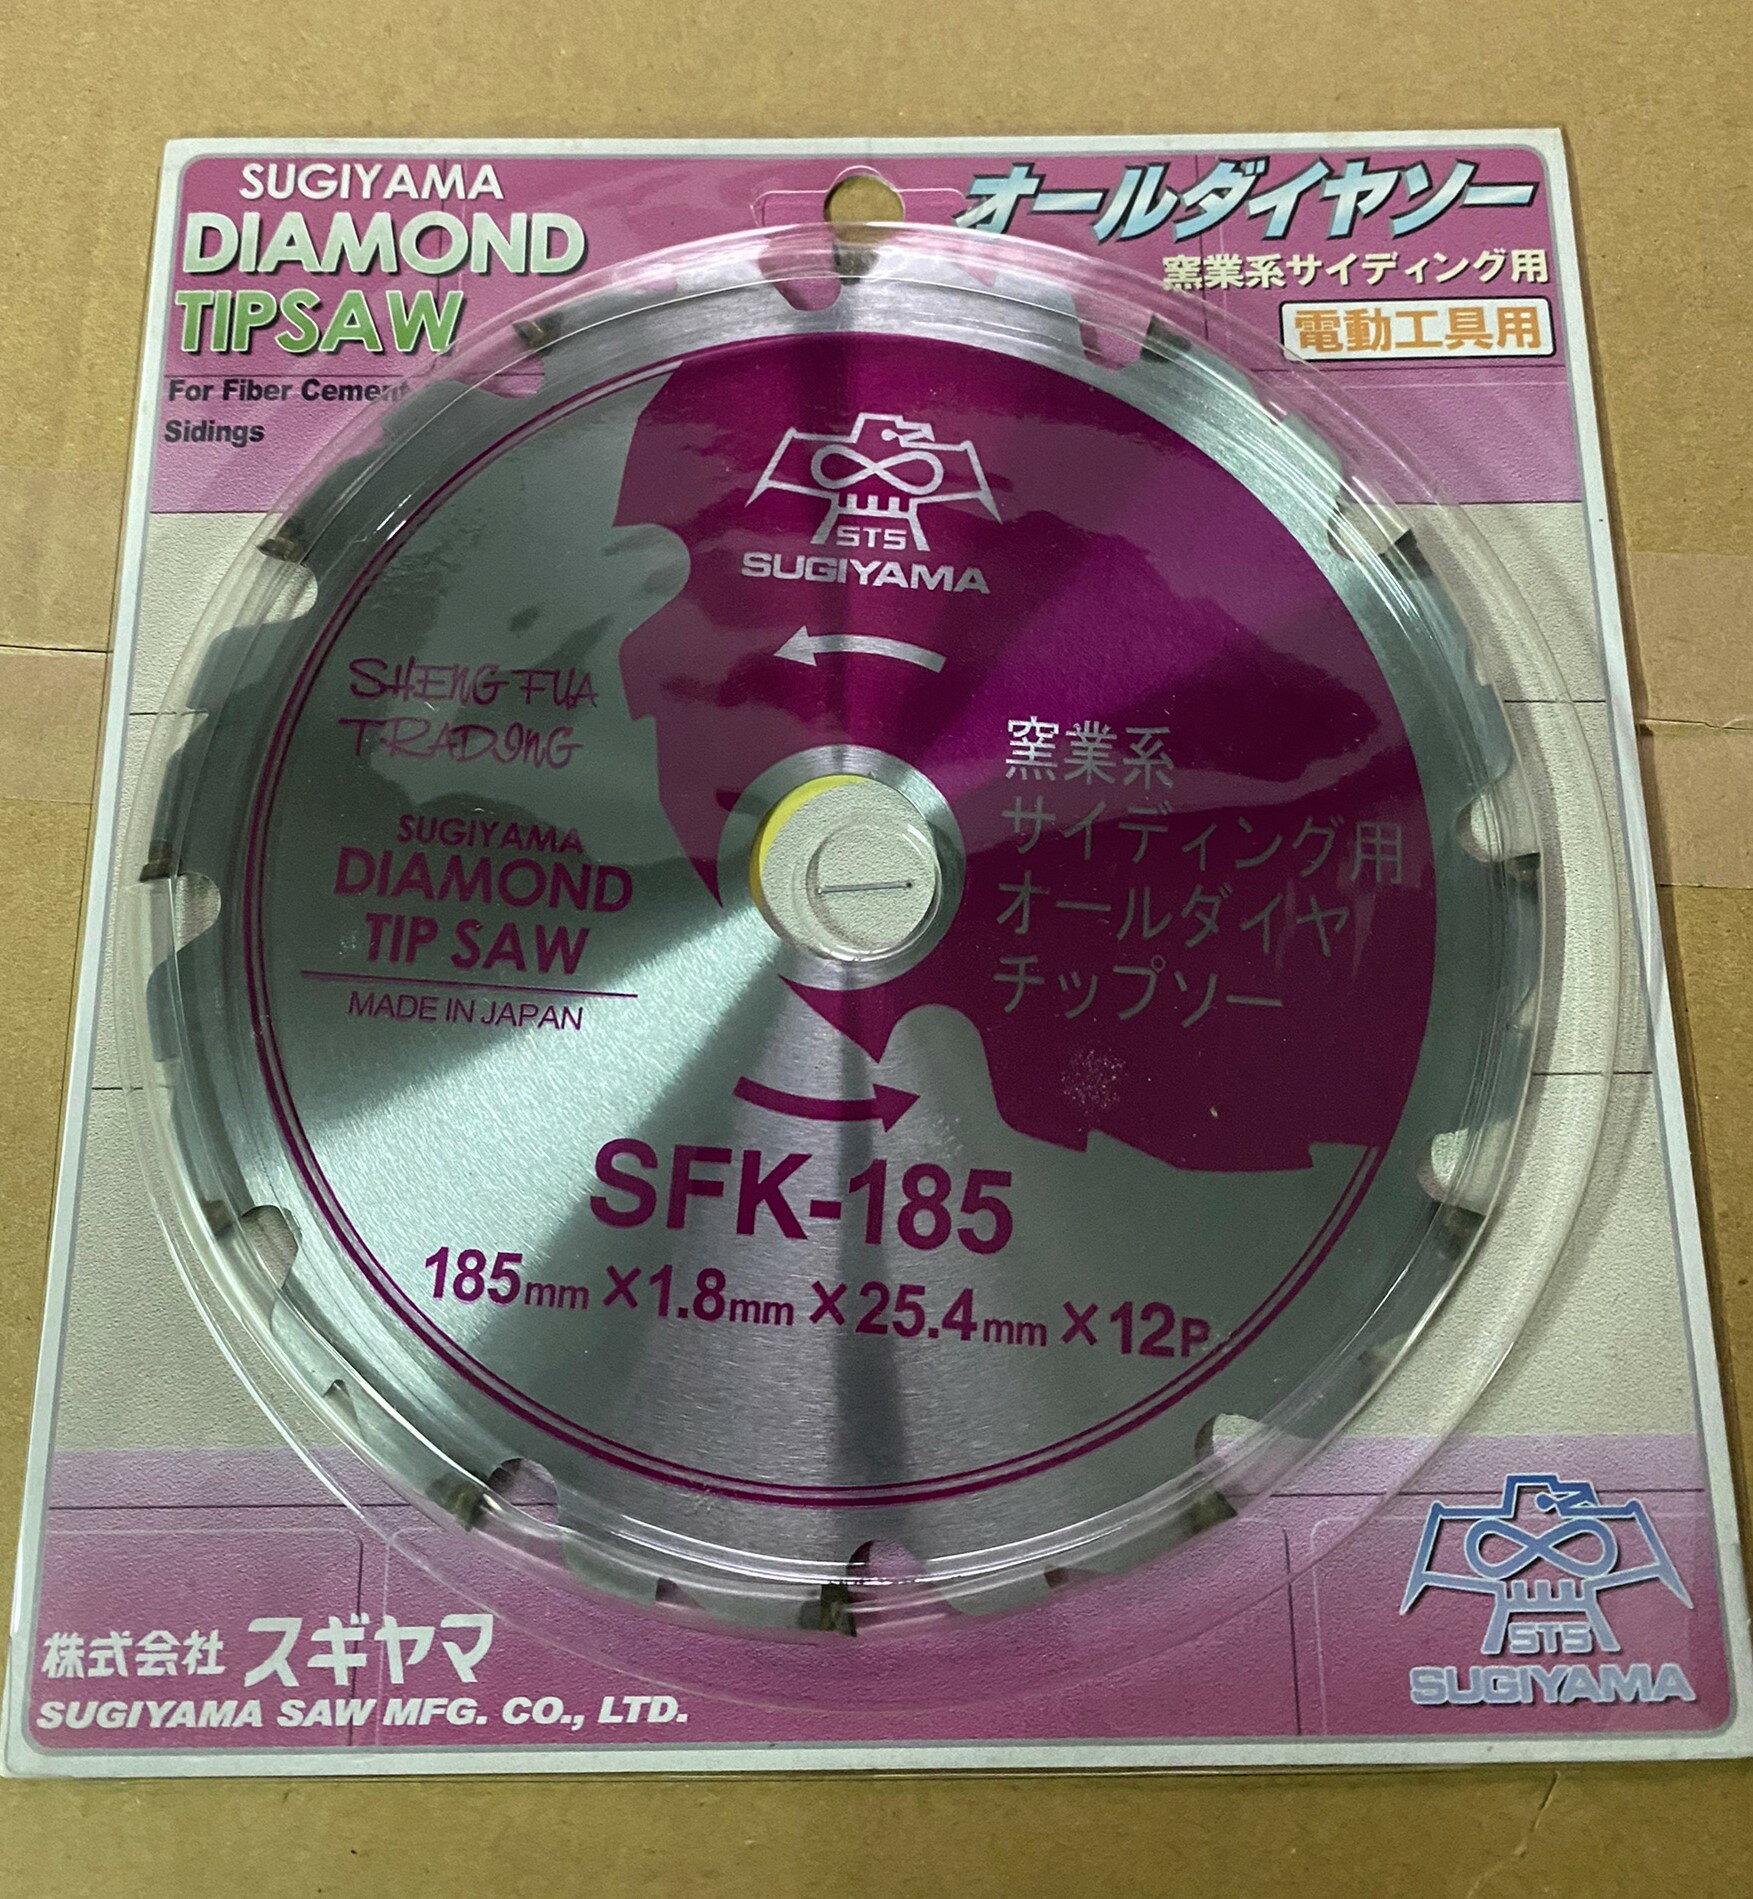 日本製 SUGIYAMA STS 鷹牌 185*12P 鑽石鉅片 12齒 鋸片 圓鋸片 水泥 矽酸鈣板 溝切機 切斷鋸